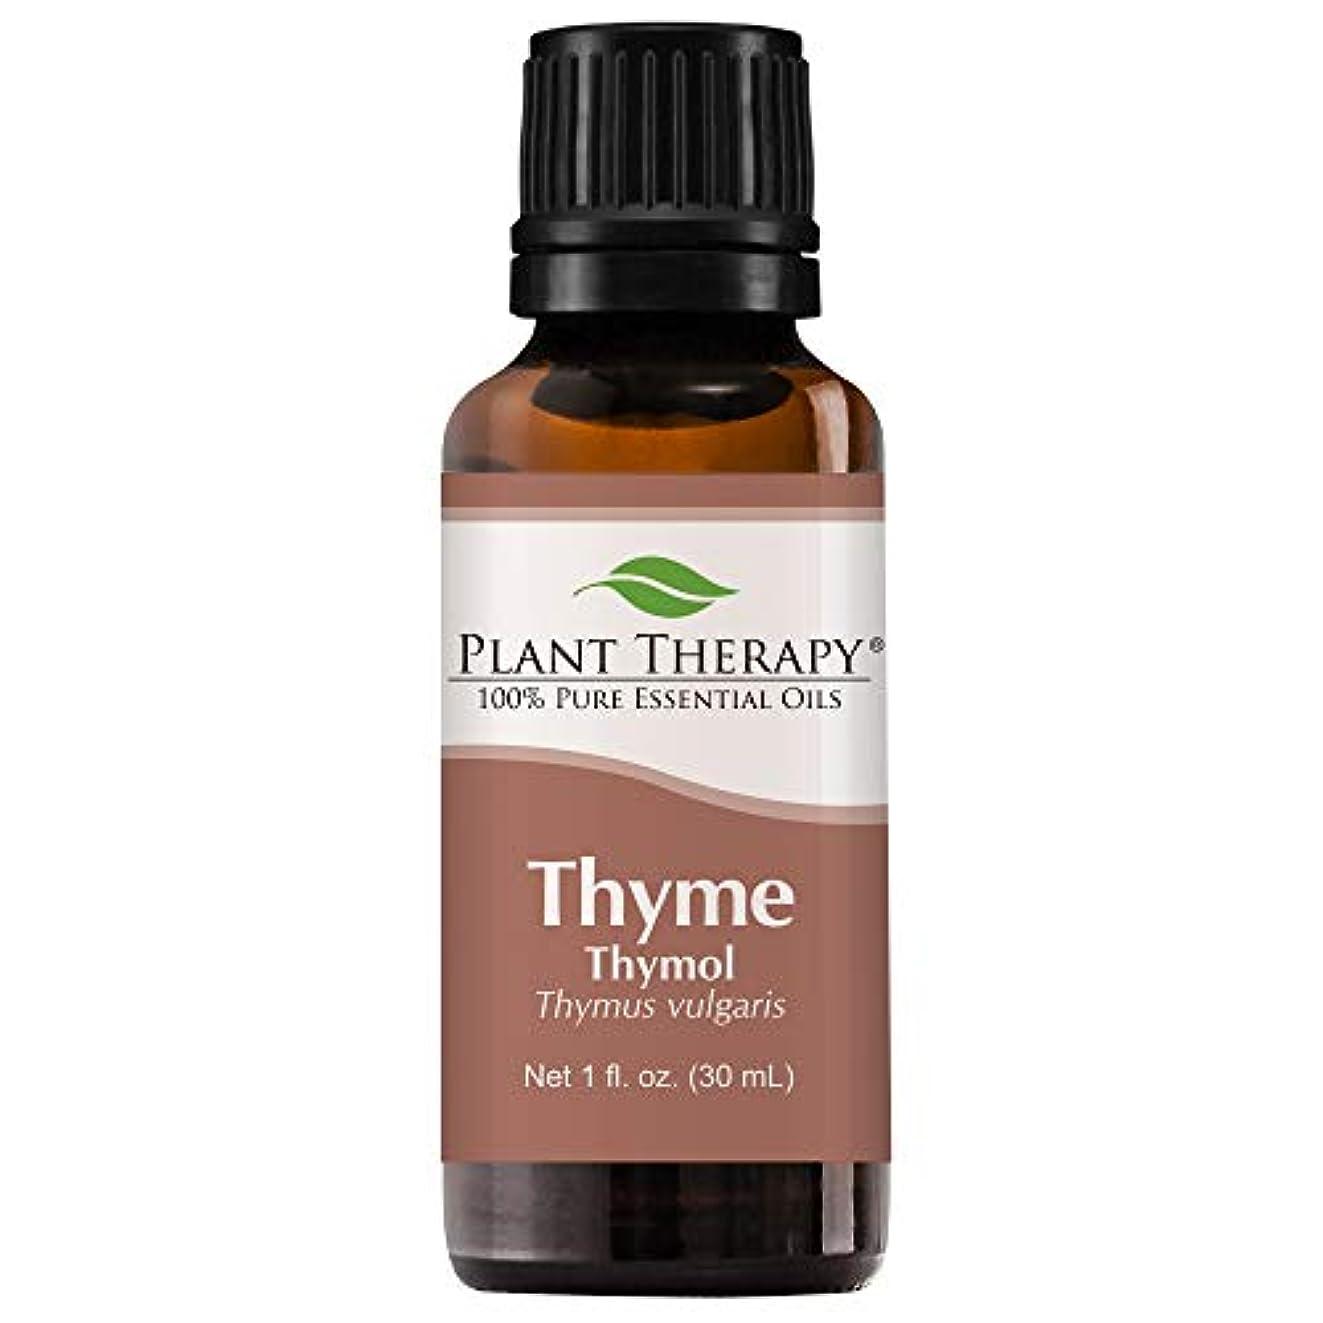 マイルストーン戸惑う質量Plant Therapy Thyme Thymol Essential Oil. 100% Pure, Undiluted, Therapeutic Grade. 30 ml (1 oz). by Plant Therapy...